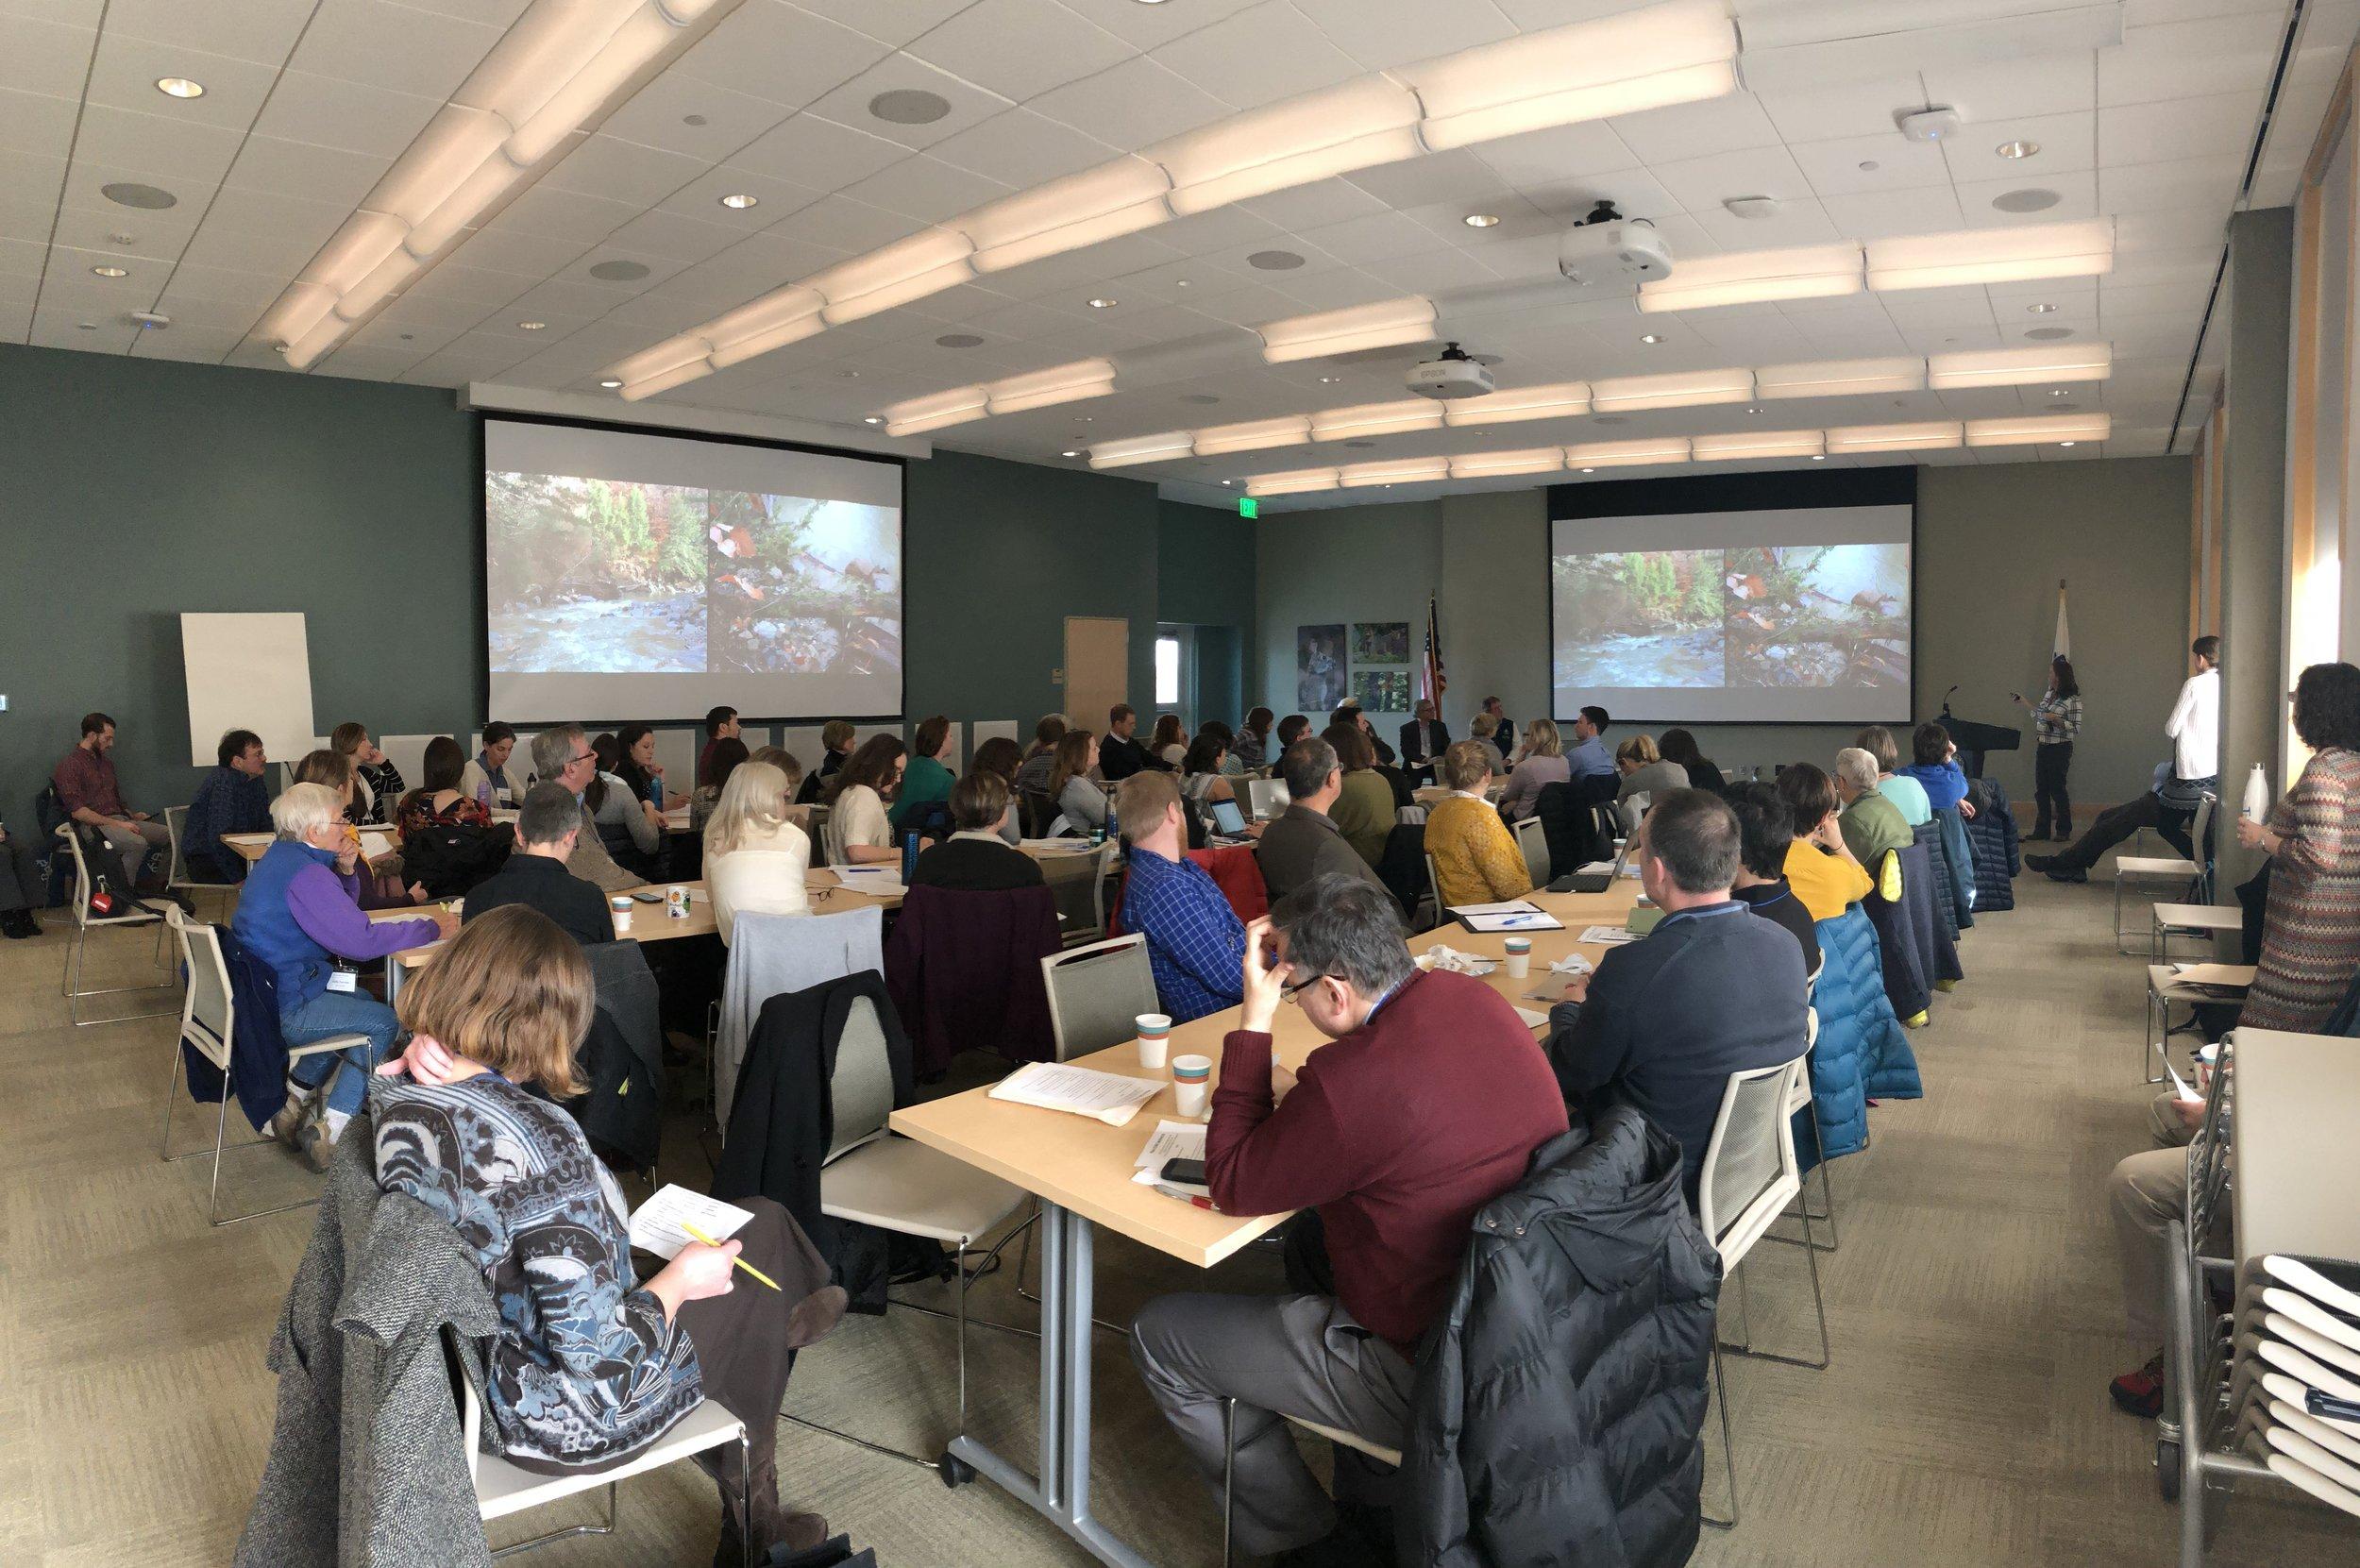 Copy of Audience.jpg